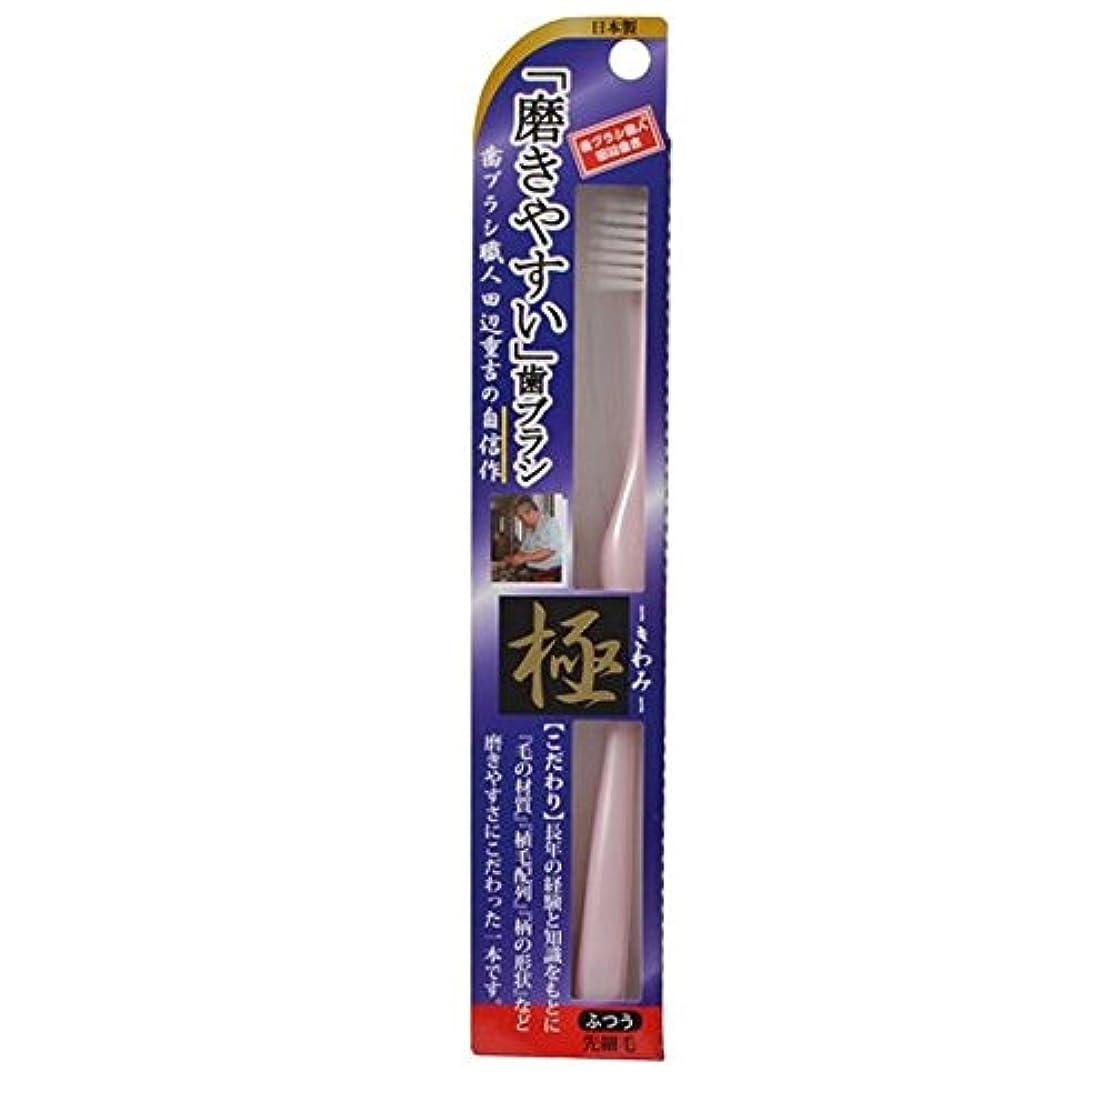 磨きやすい歯ブラシ極 LT-22